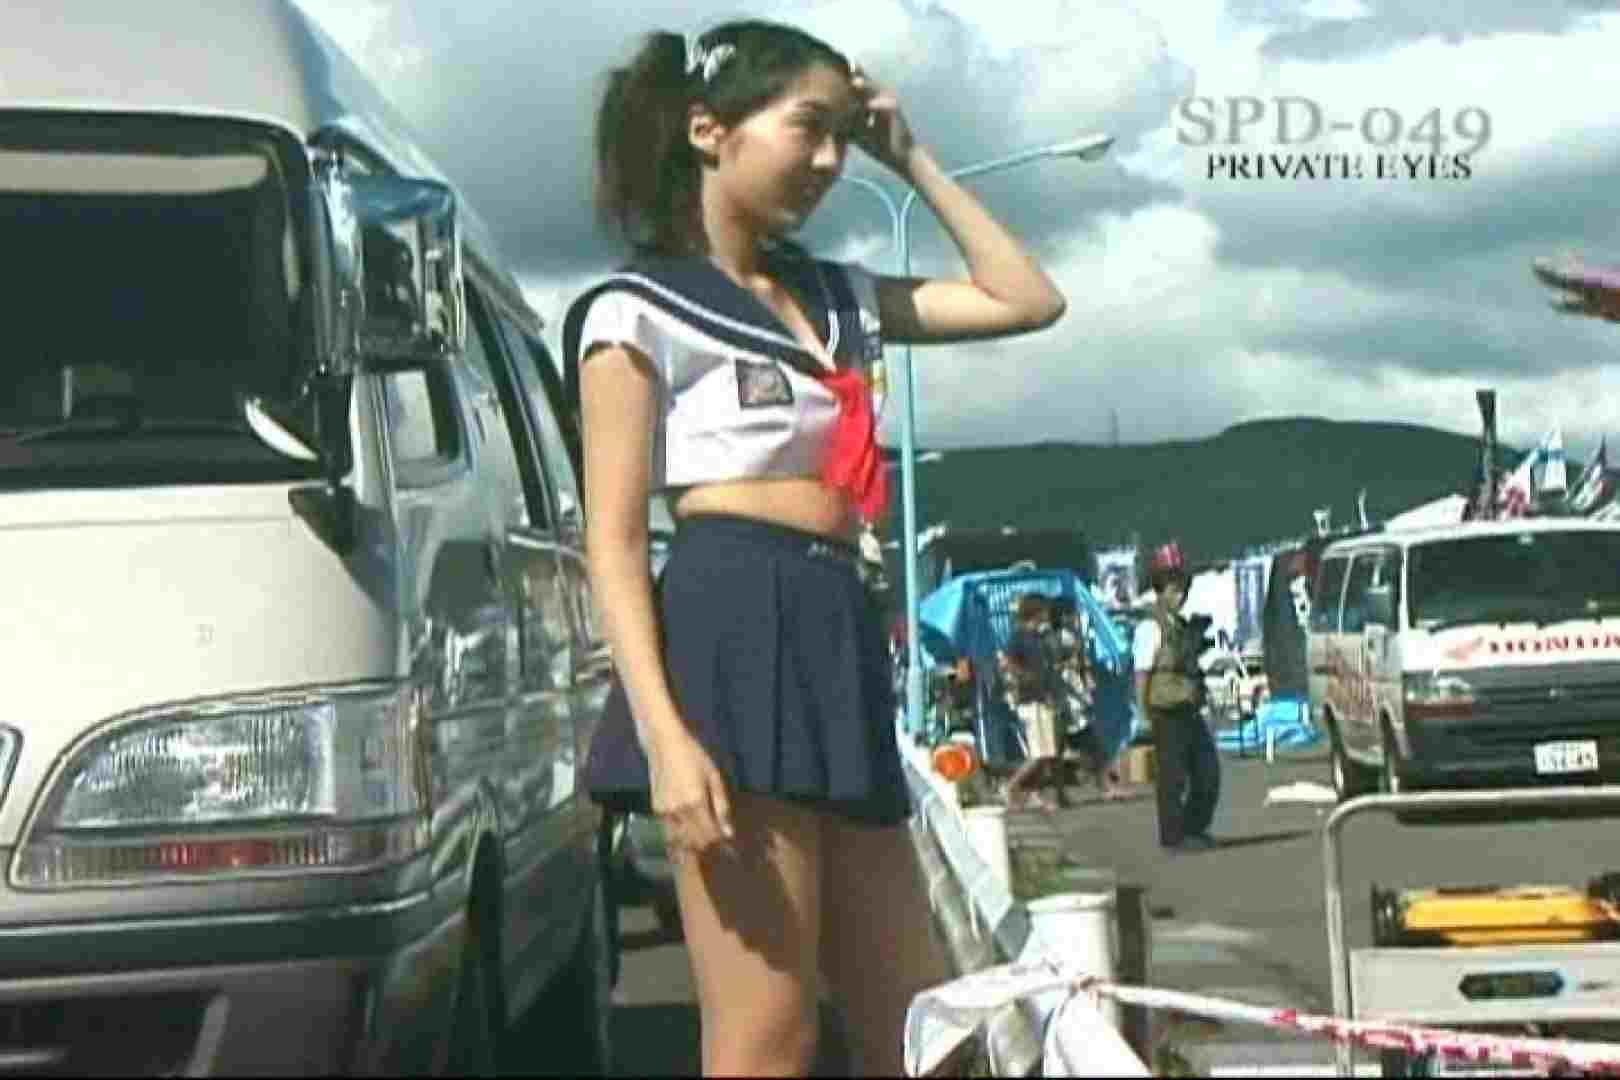 高画質版!SPD-049 サーキットの女神達 99'GT富士第5戦 プライベート  34Pix 26